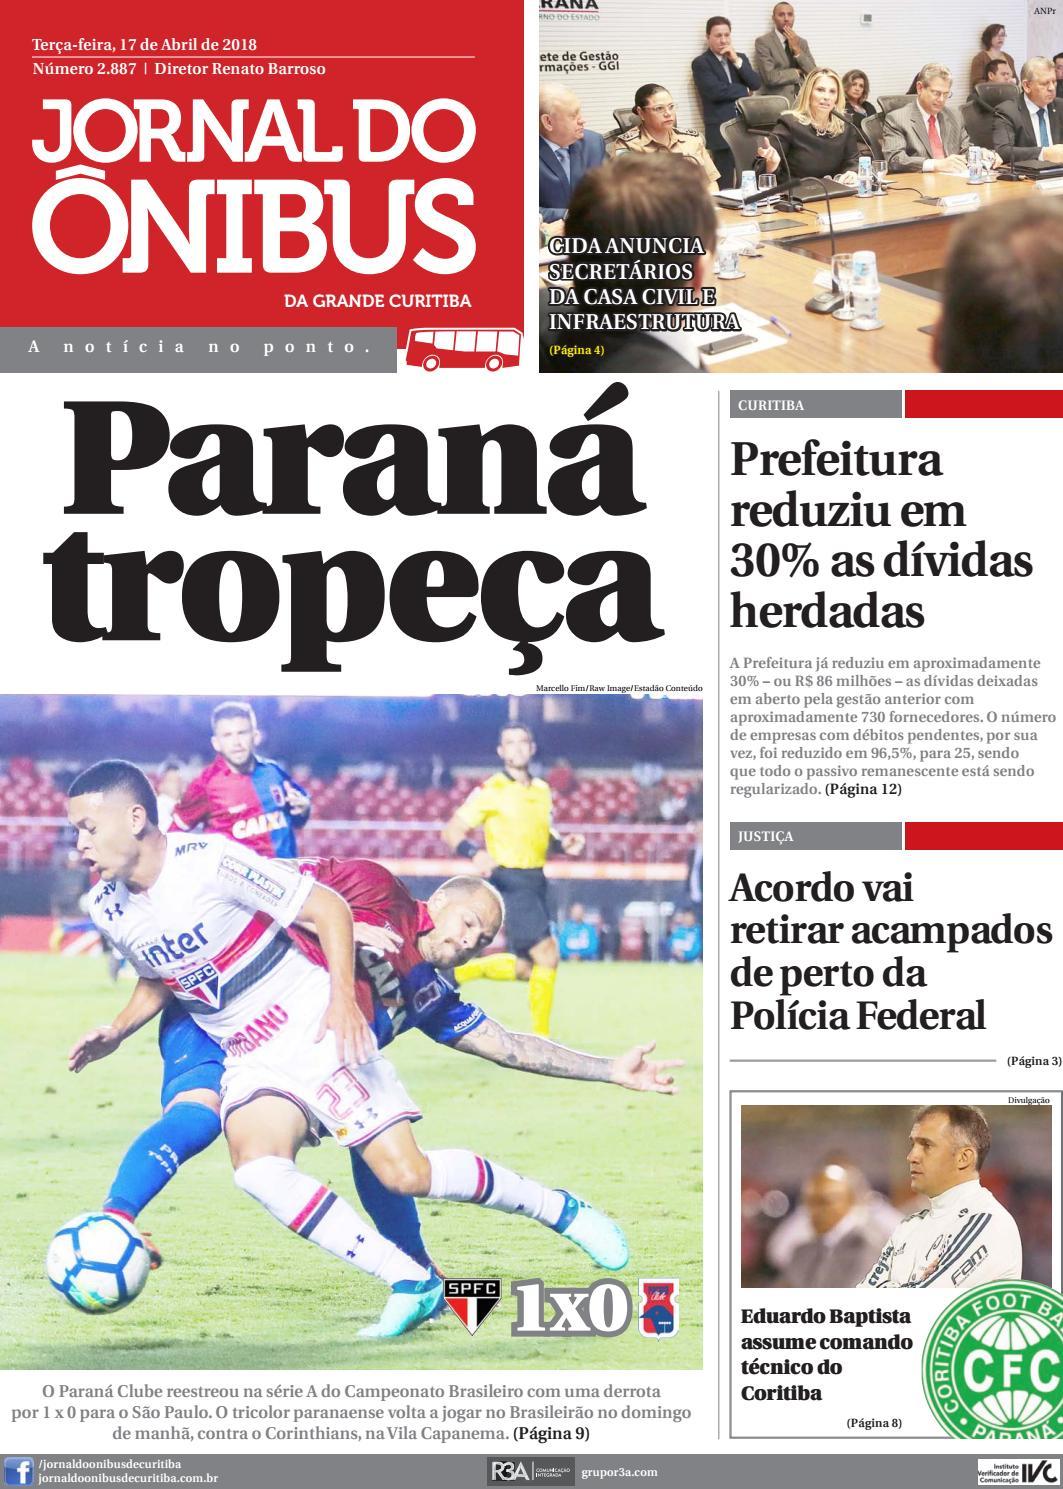 Jornal do Ônibus de Curitiba - 17 04 18 by Editora Correio Paranaense -  issuu 2c93146f335ad